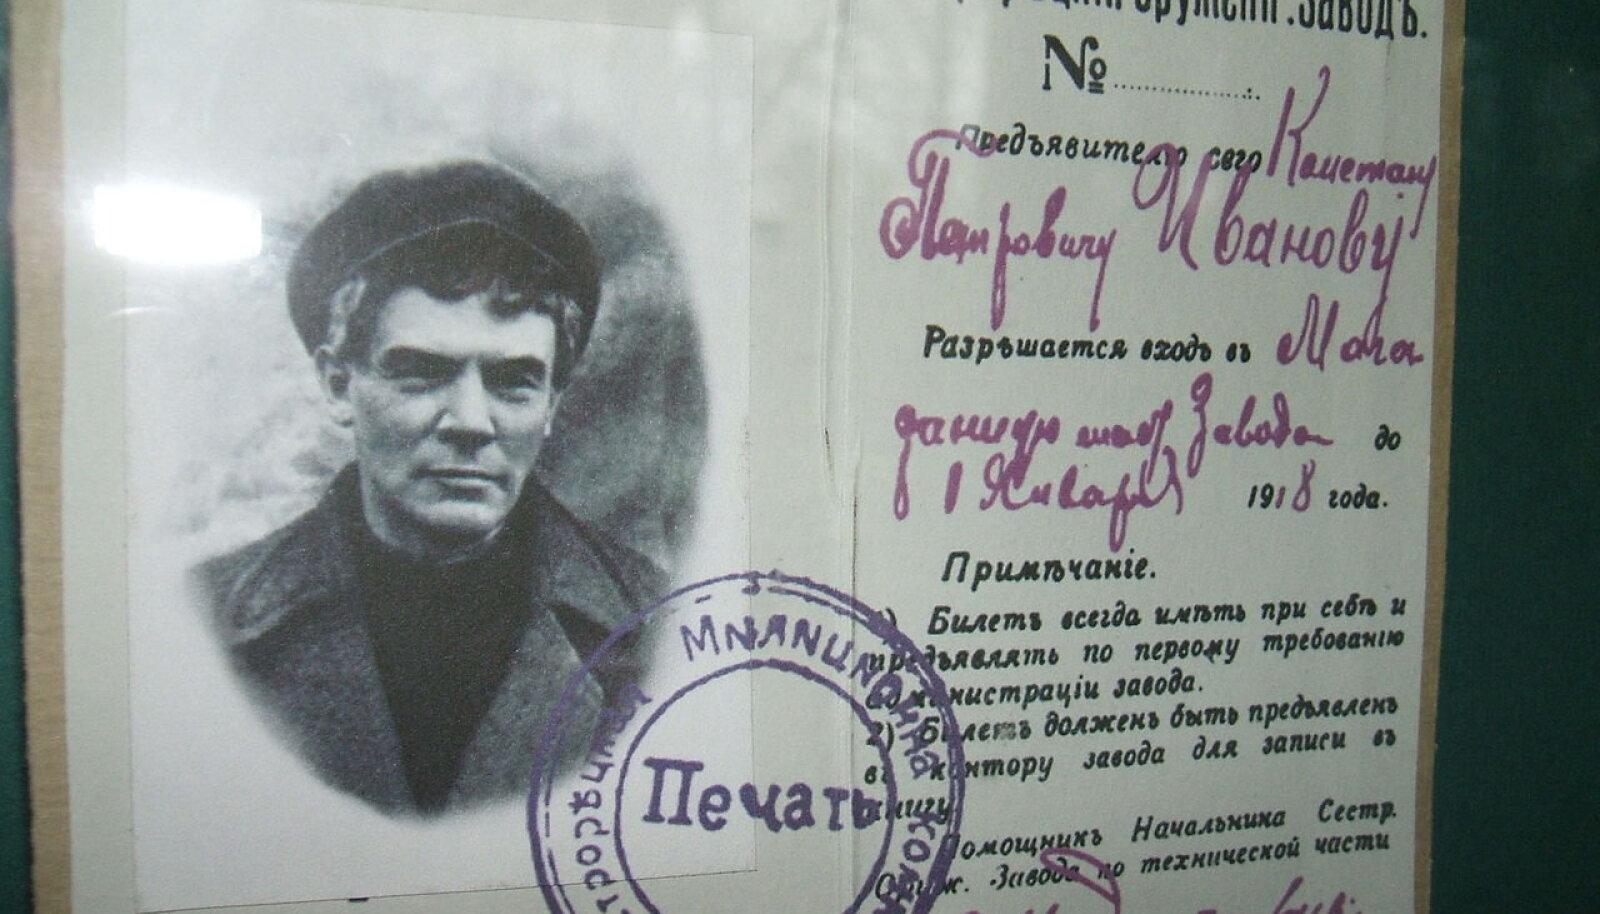 Valedokument, millega Lenin ringi reisis.